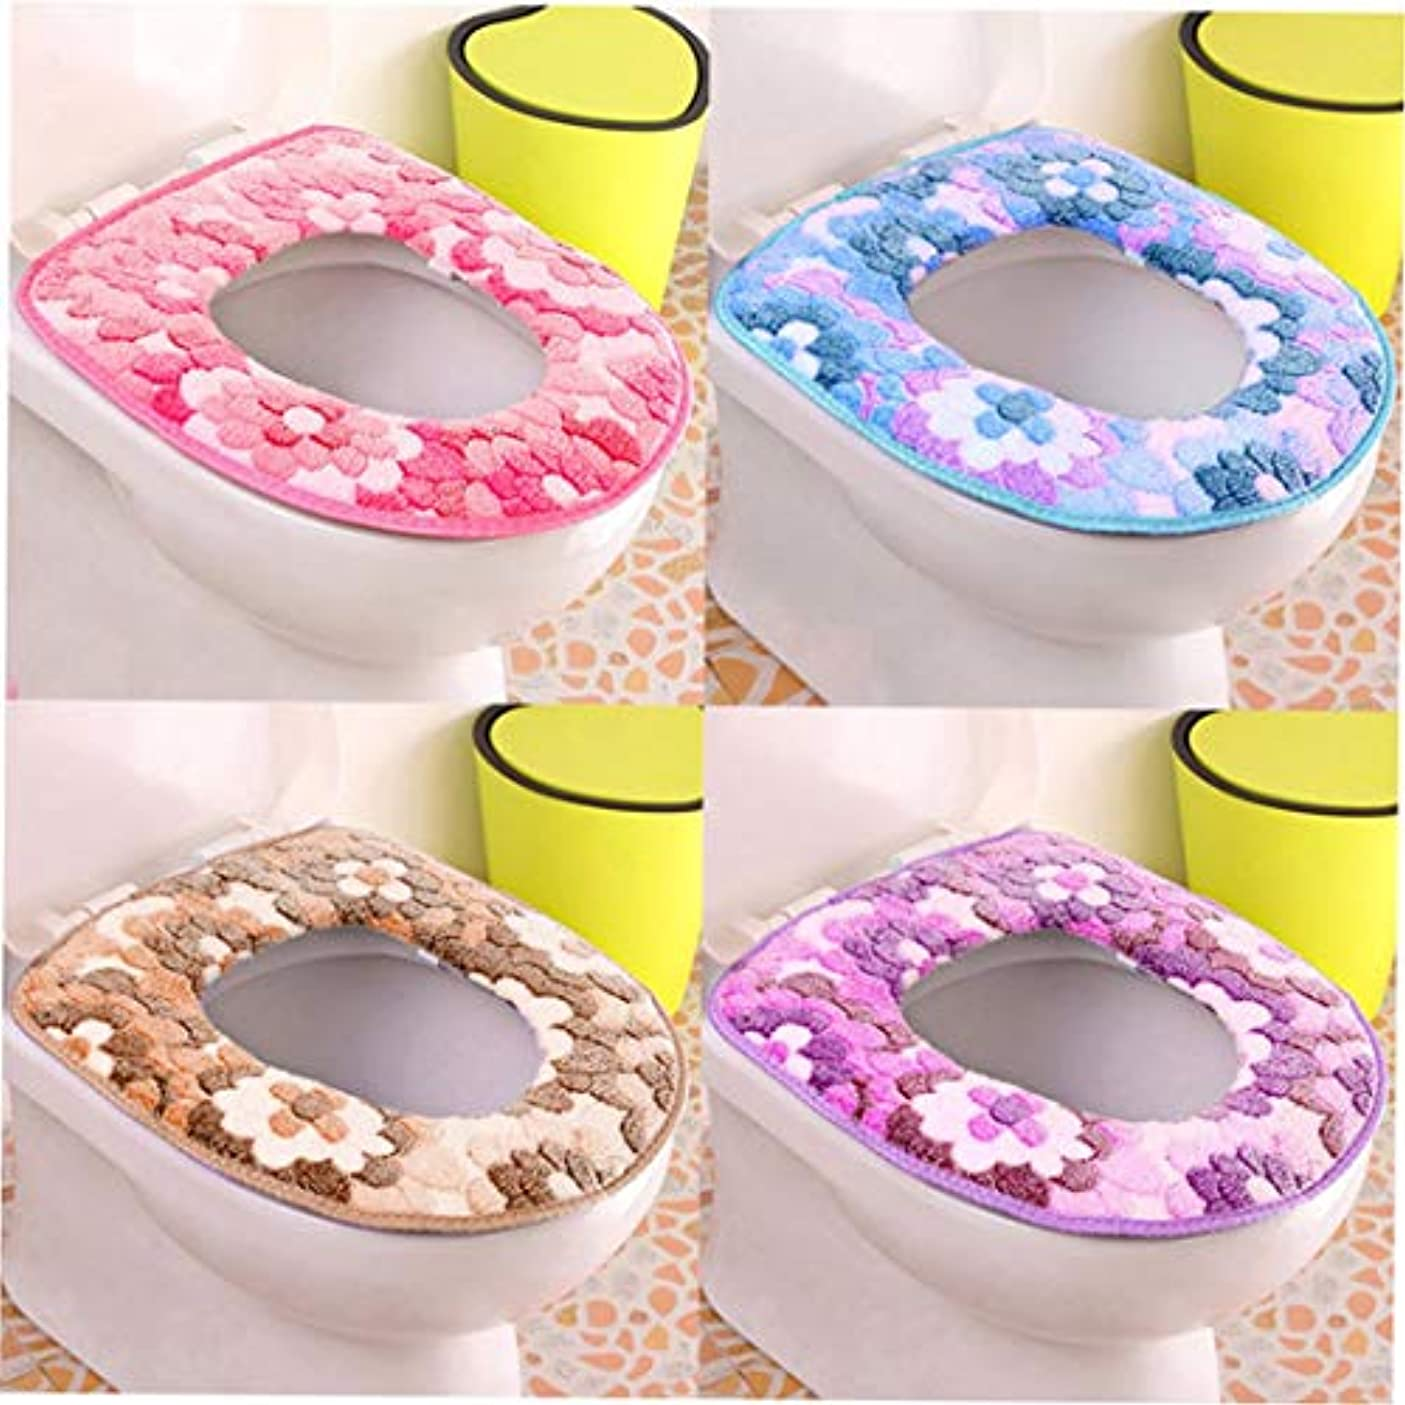 伝統マイク奨励Swiftgood 浴室柔らかく厚い暖かい便座カバーパッド伸縮性洗える布トイレ便座クッション